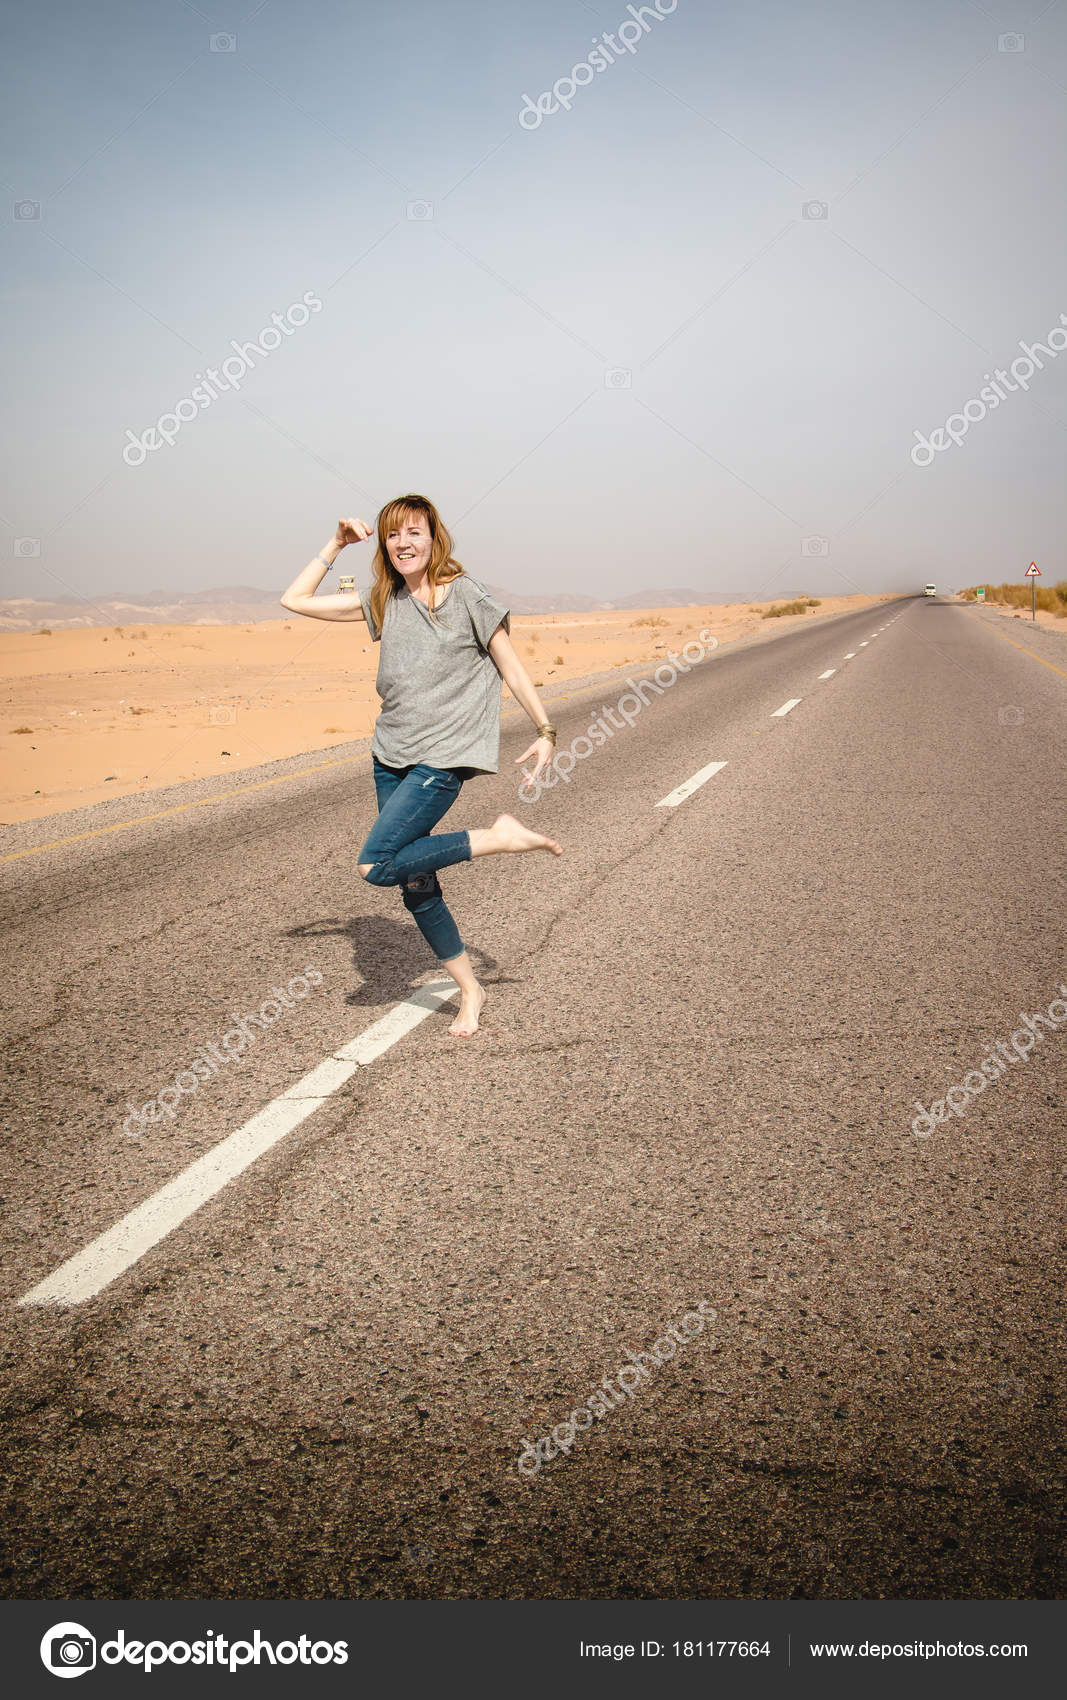 Девушка на пустынной дороге